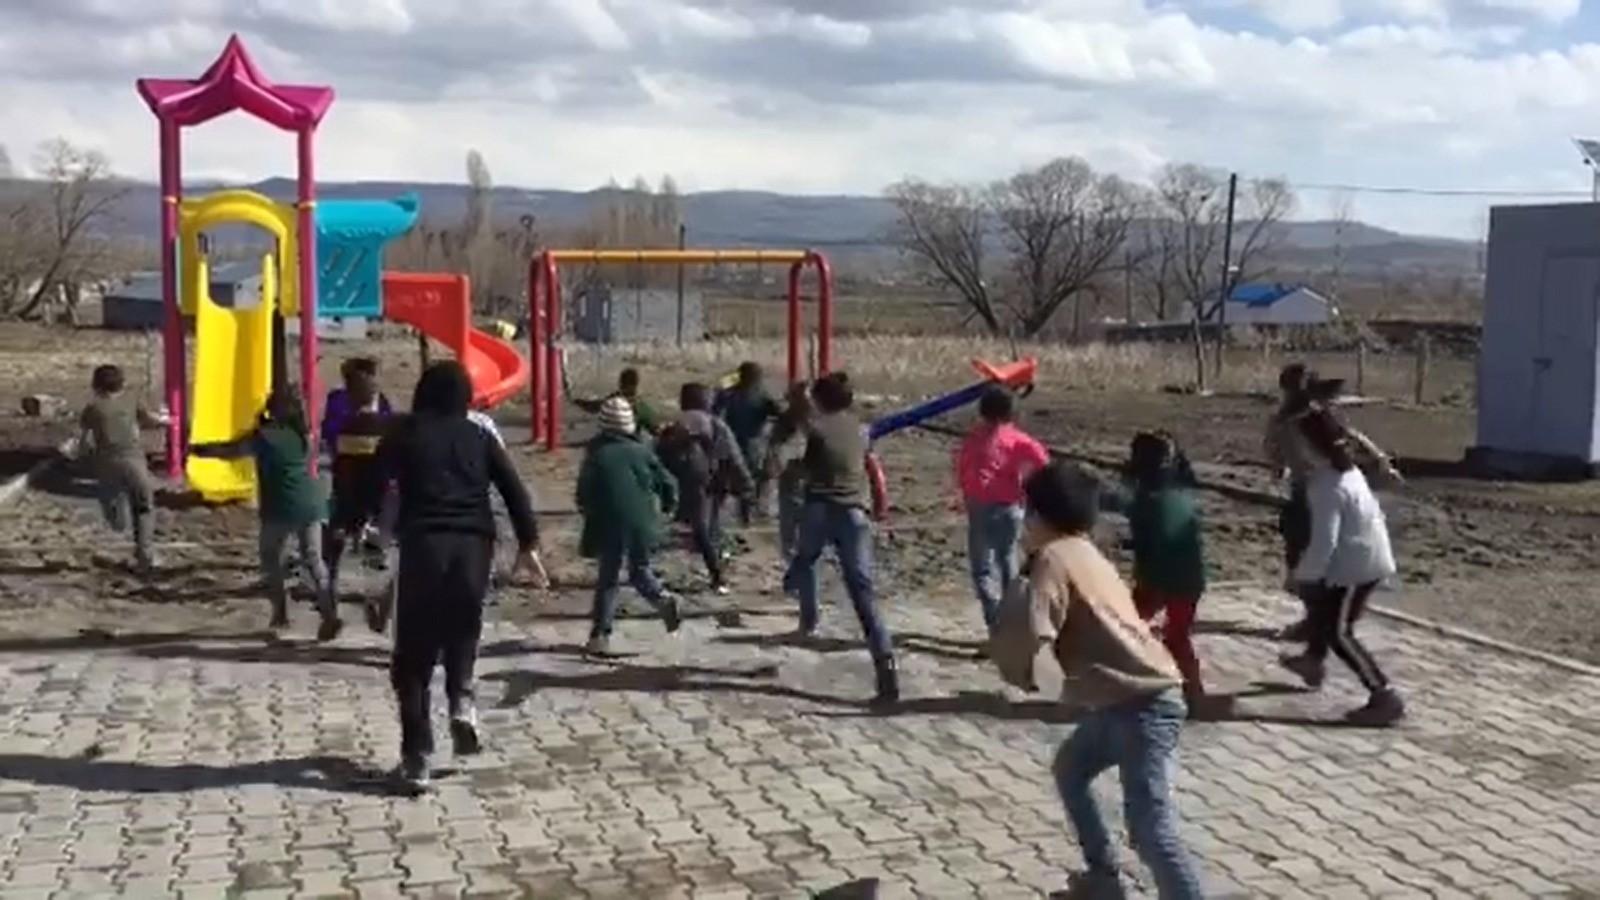 Köy öğretmeninden duygulandıran hediye! Onun sayesinde çocuklar ilk kez parkla tanıştı